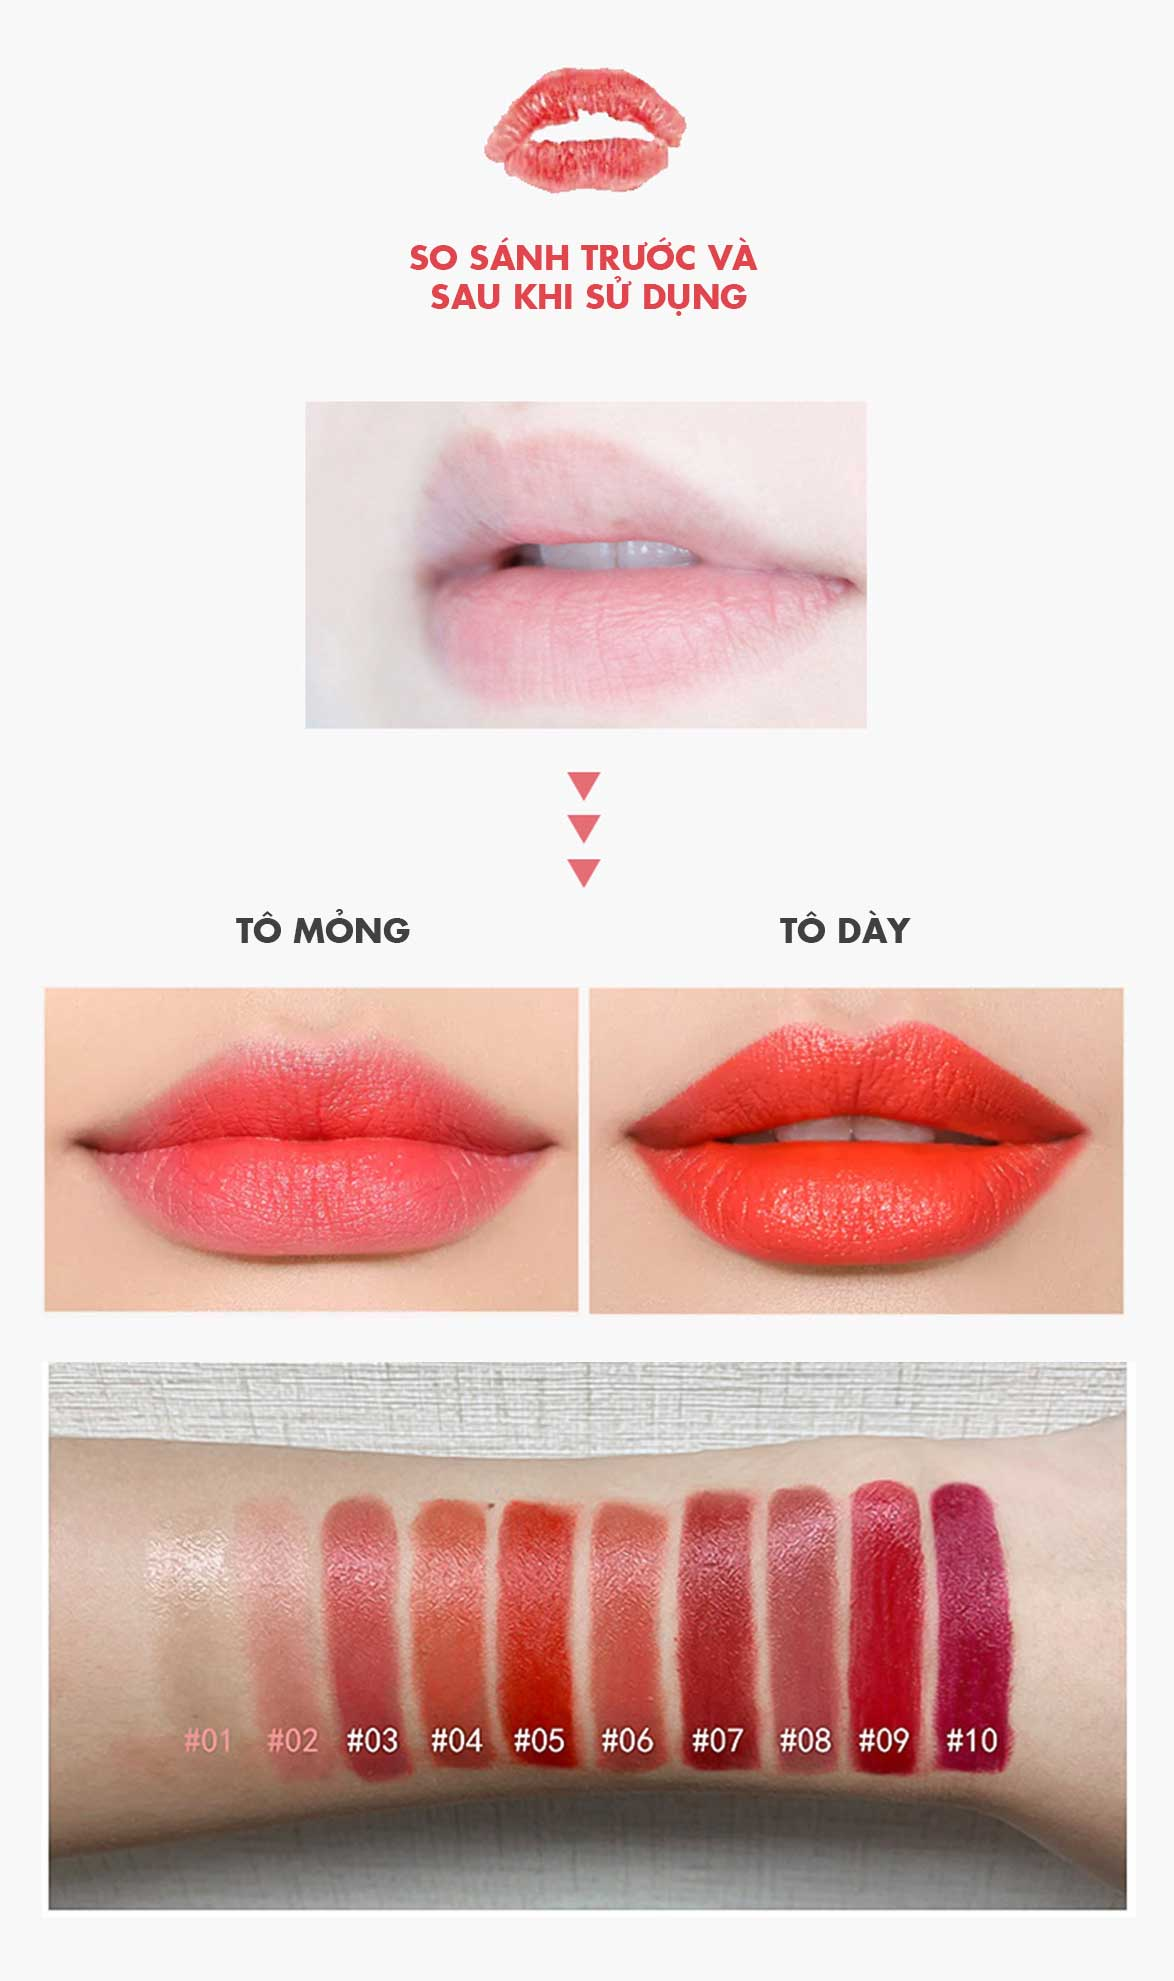 So Sánh Trước Sau Khi Dùng Son Thỏi Moisturizing Lipstick